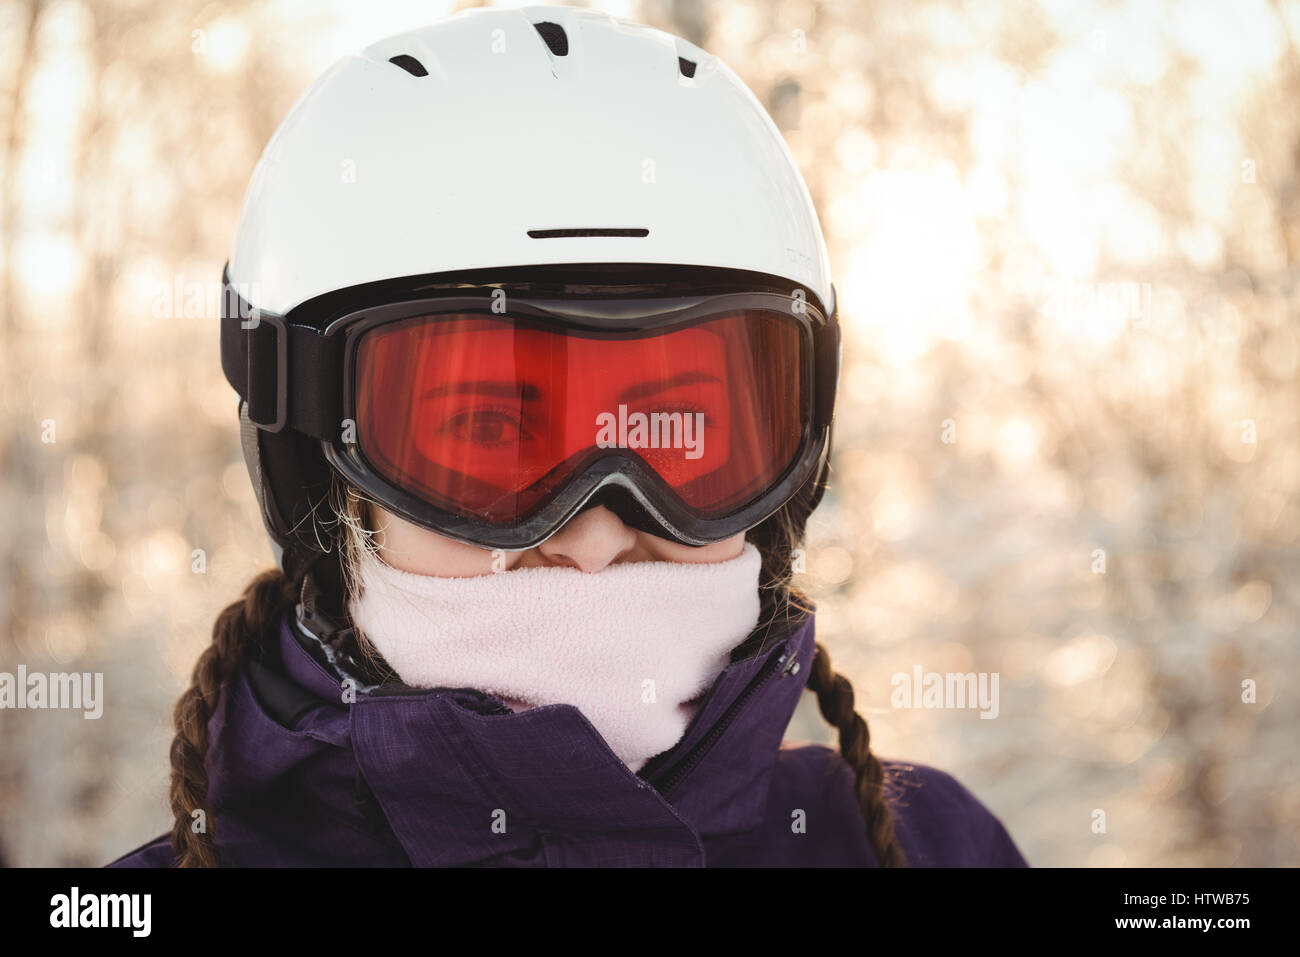 Donna in maschere da sci e giacca Immagini Stock